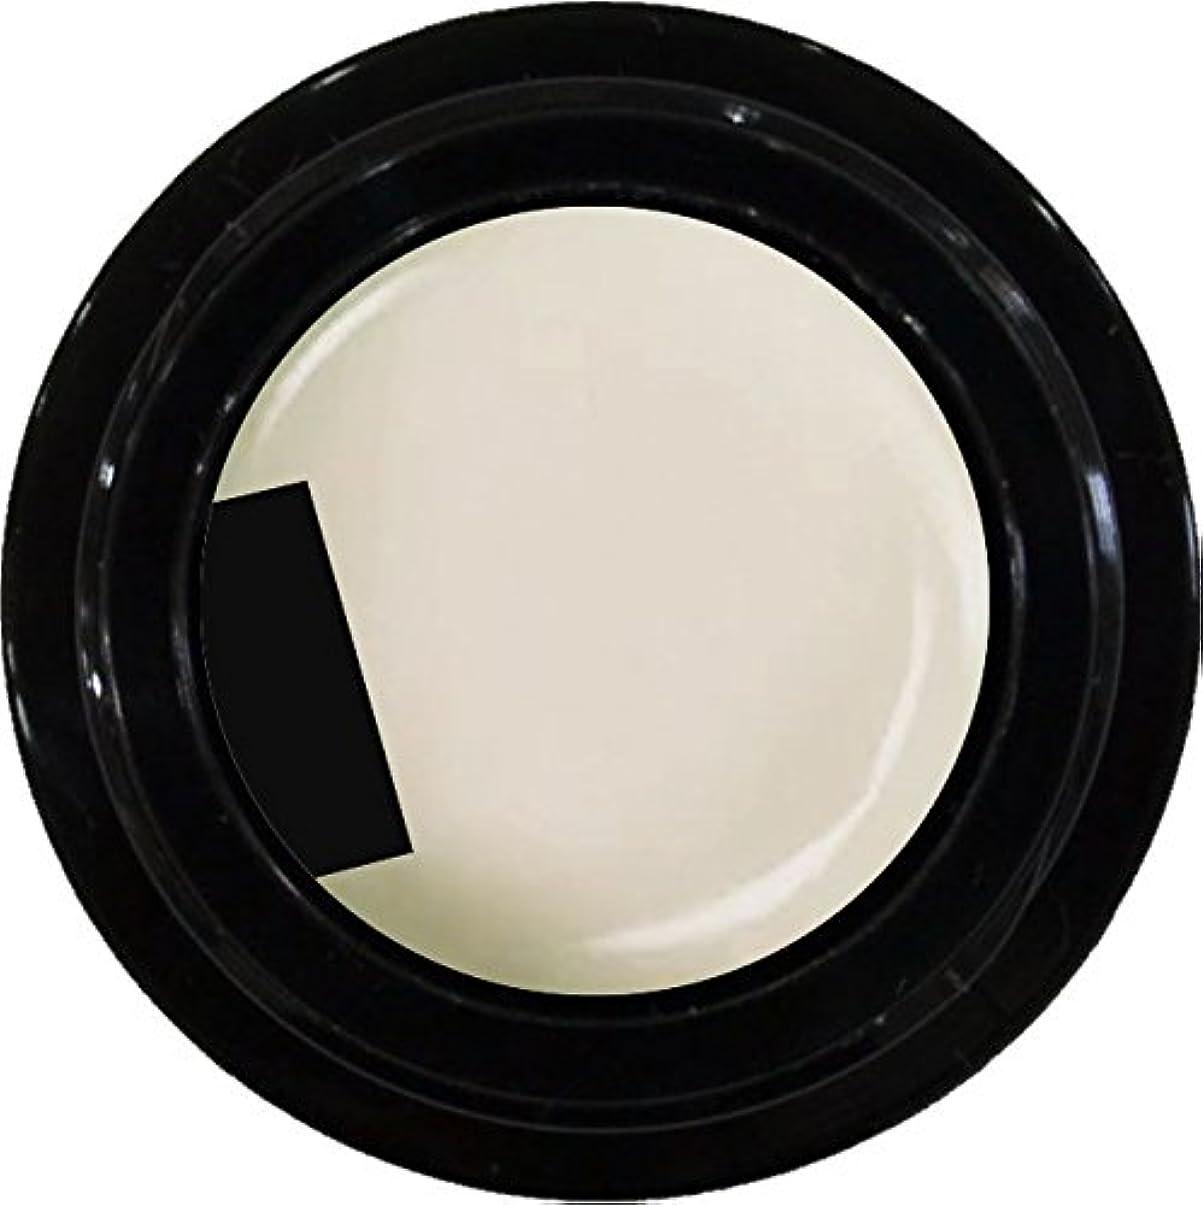 ギャザー元に戻すトランスミッションカラージェル enchant color gel M006 MilkyWhite 3g/ マットカラージェル M006 ミルキーホワイト 3グラム